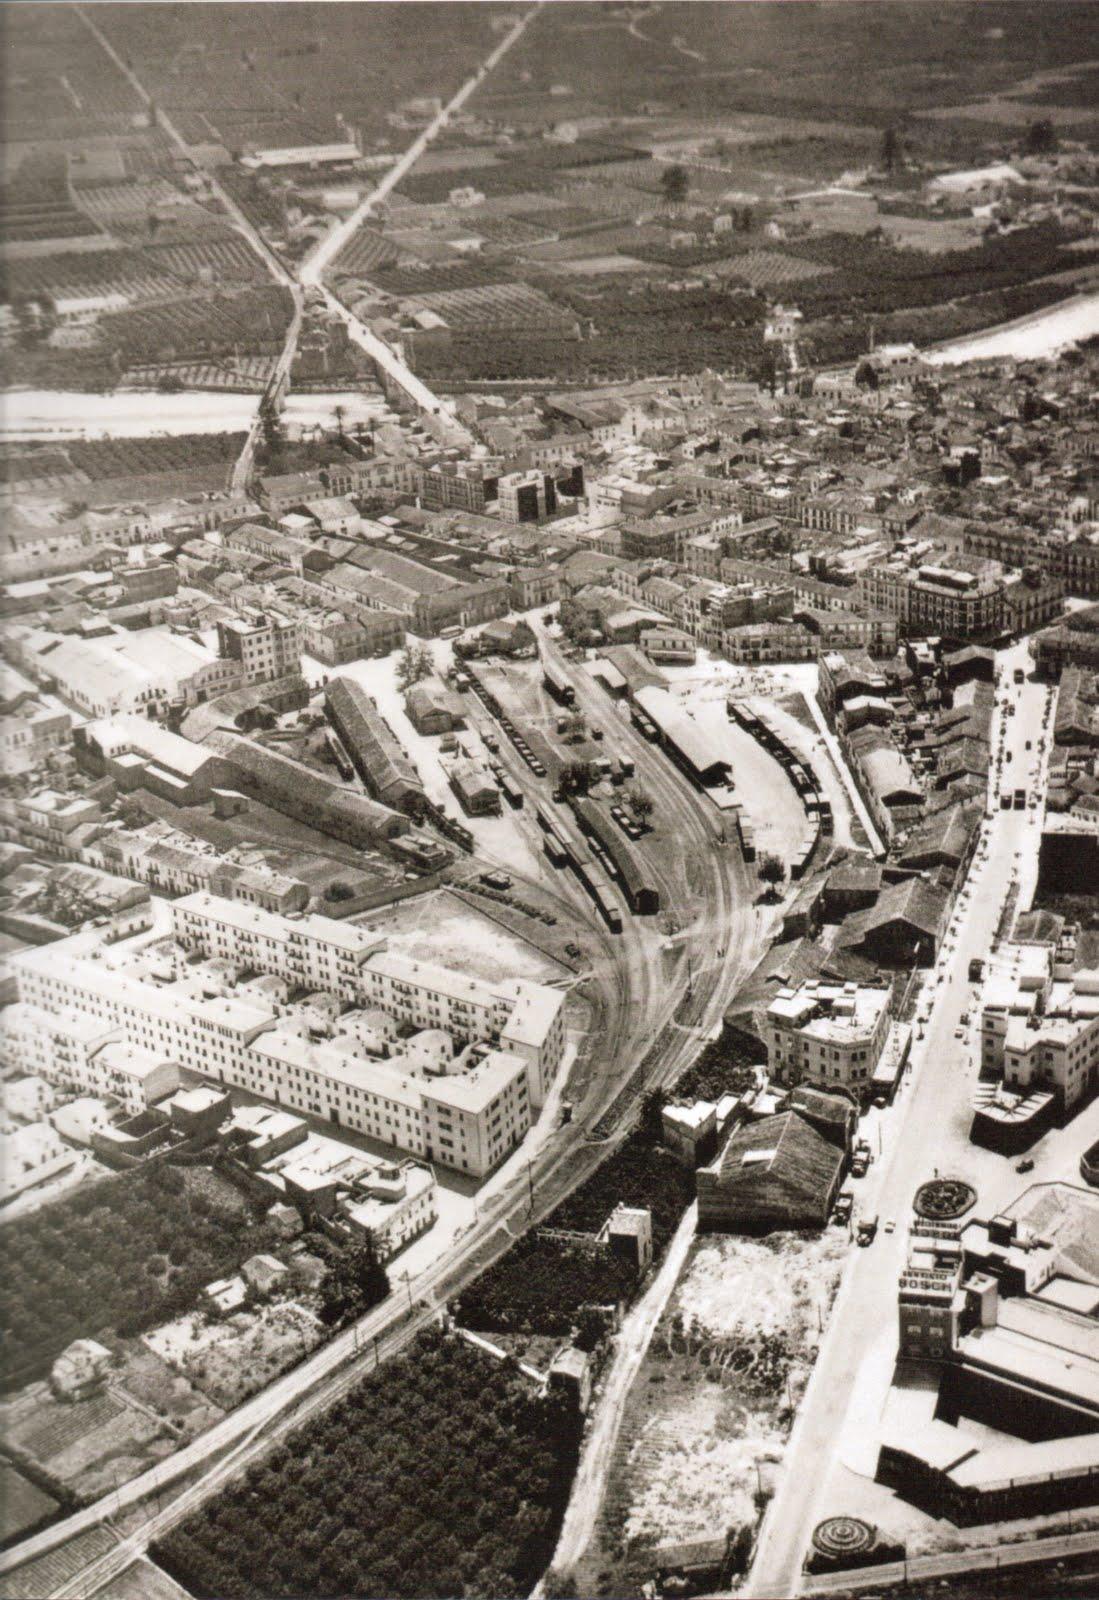 Estació del ferrocarril de Gandia en els anys 60